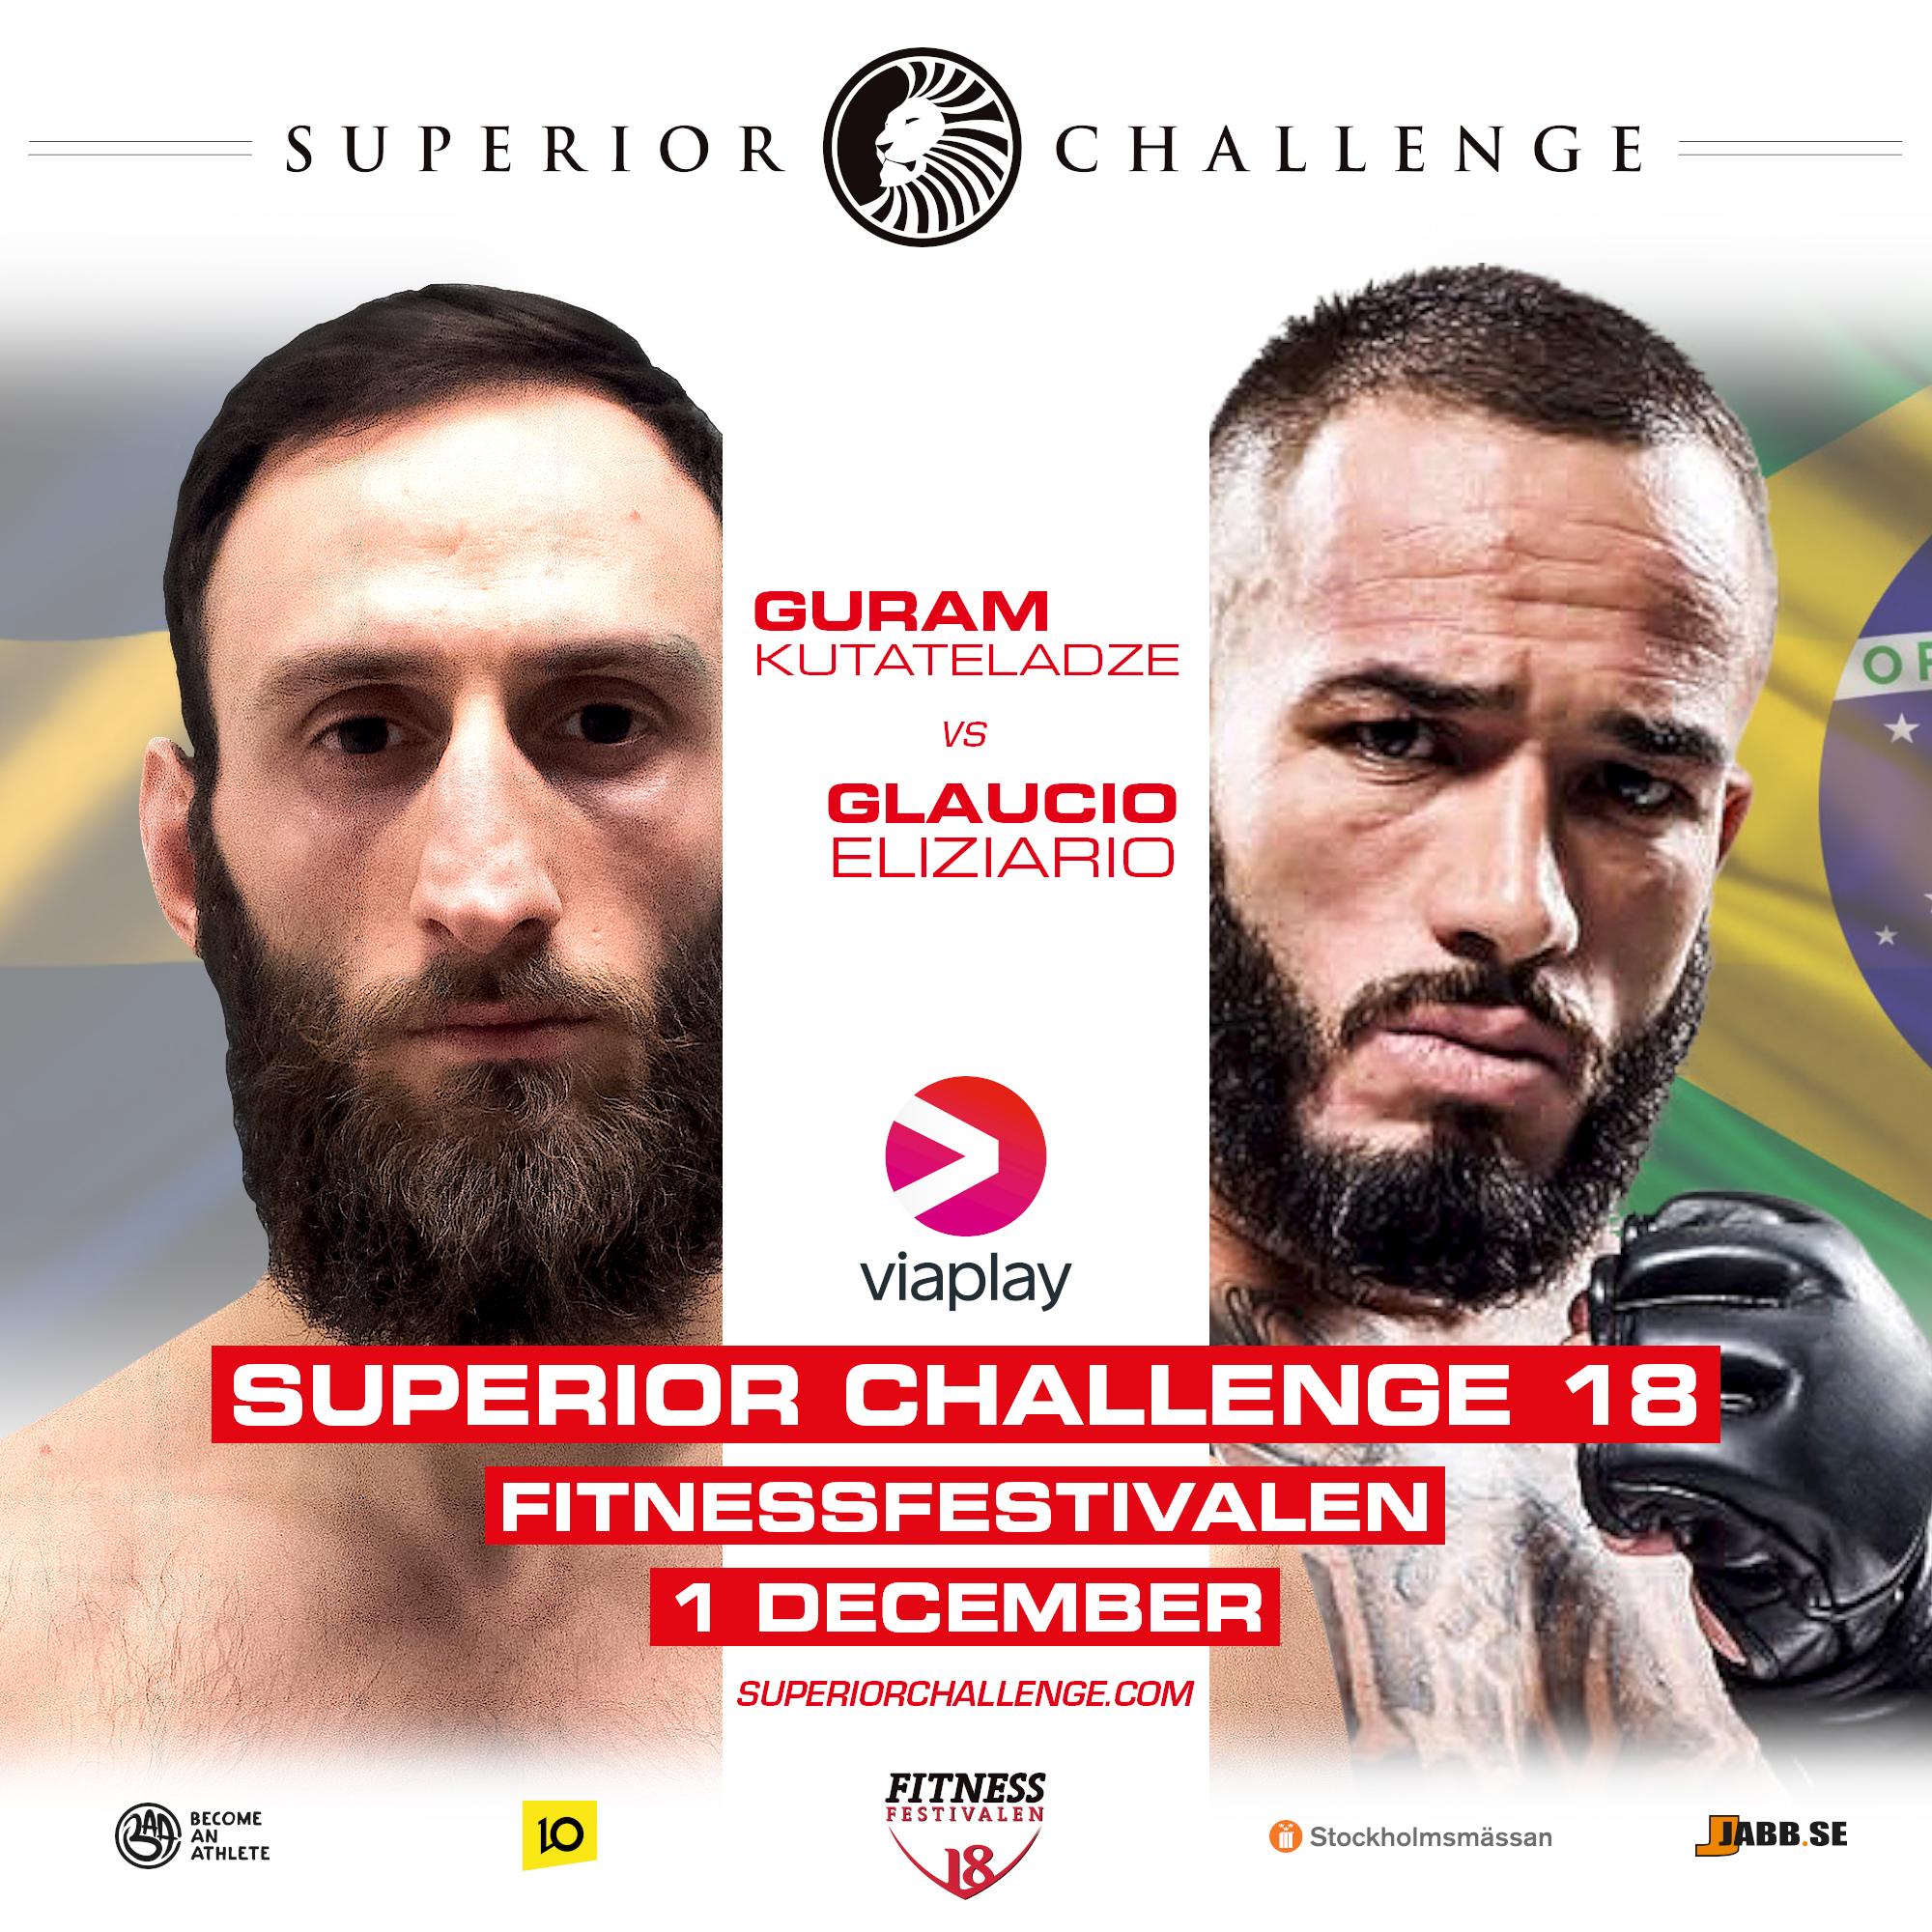 Guram Kutateladze vs Glaucio Eliziario Superior Challenge 18 – Fitnessfestivalen